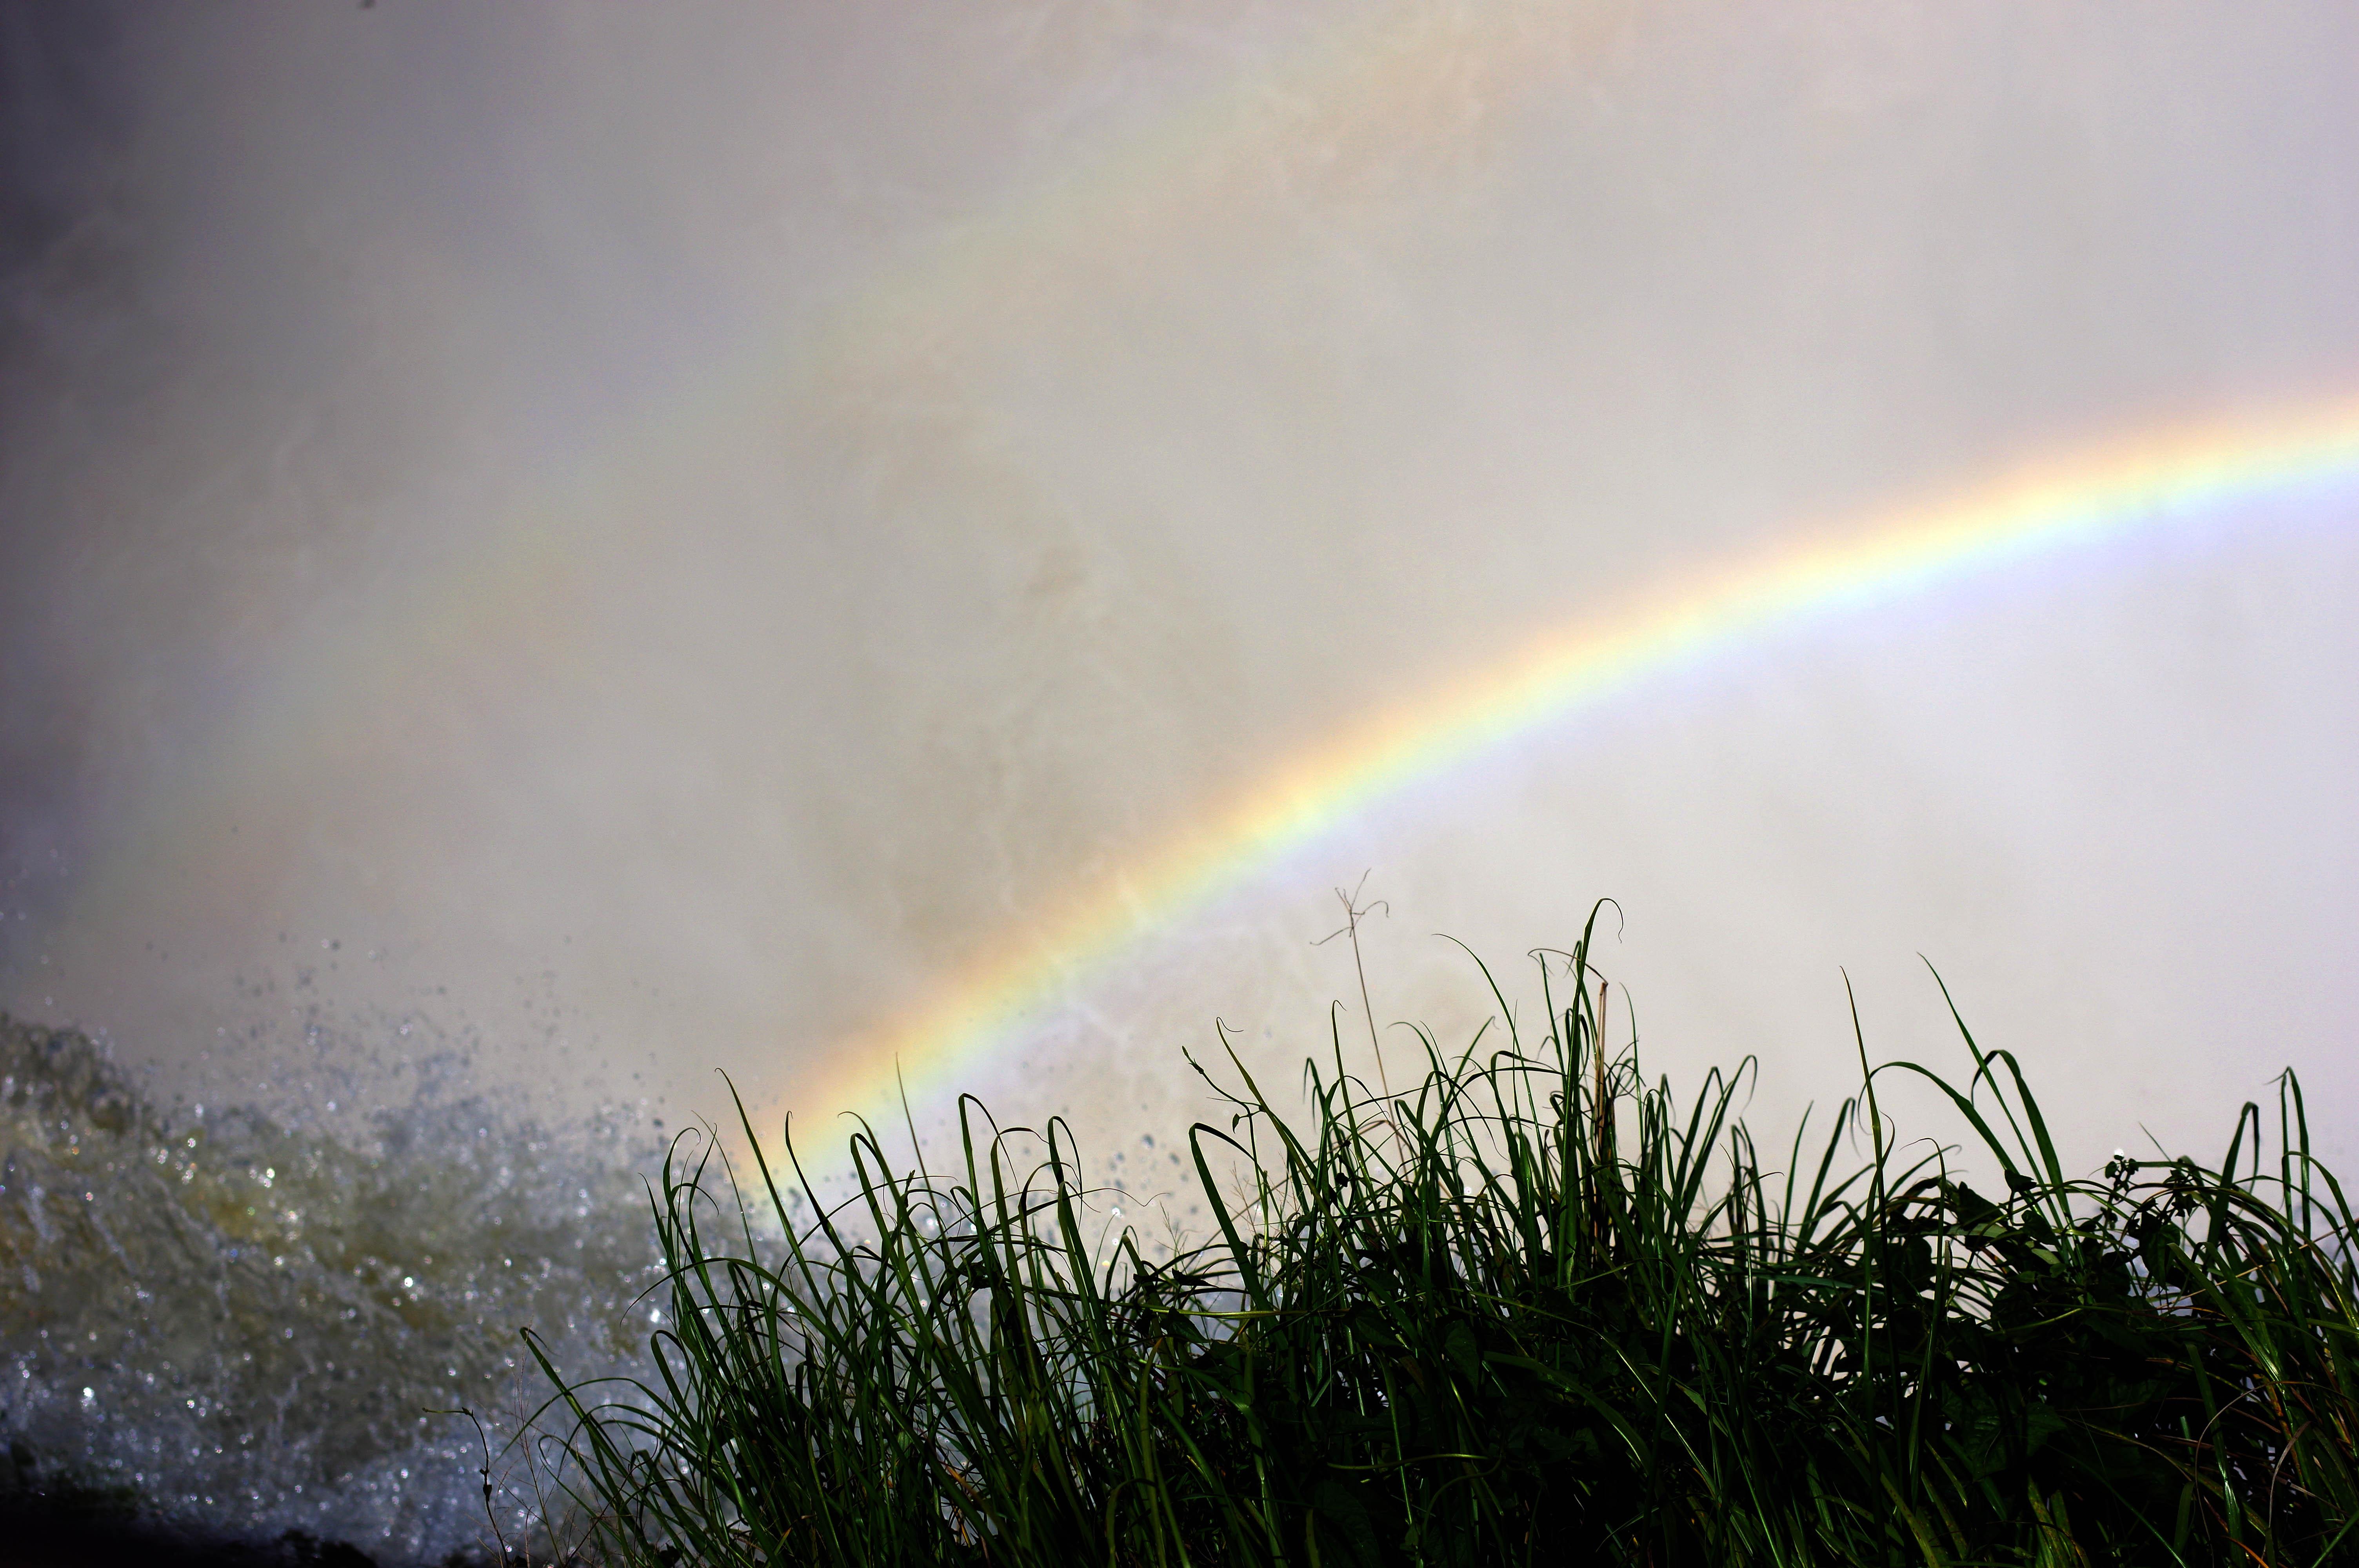 171212_Iguazu Cataratas63